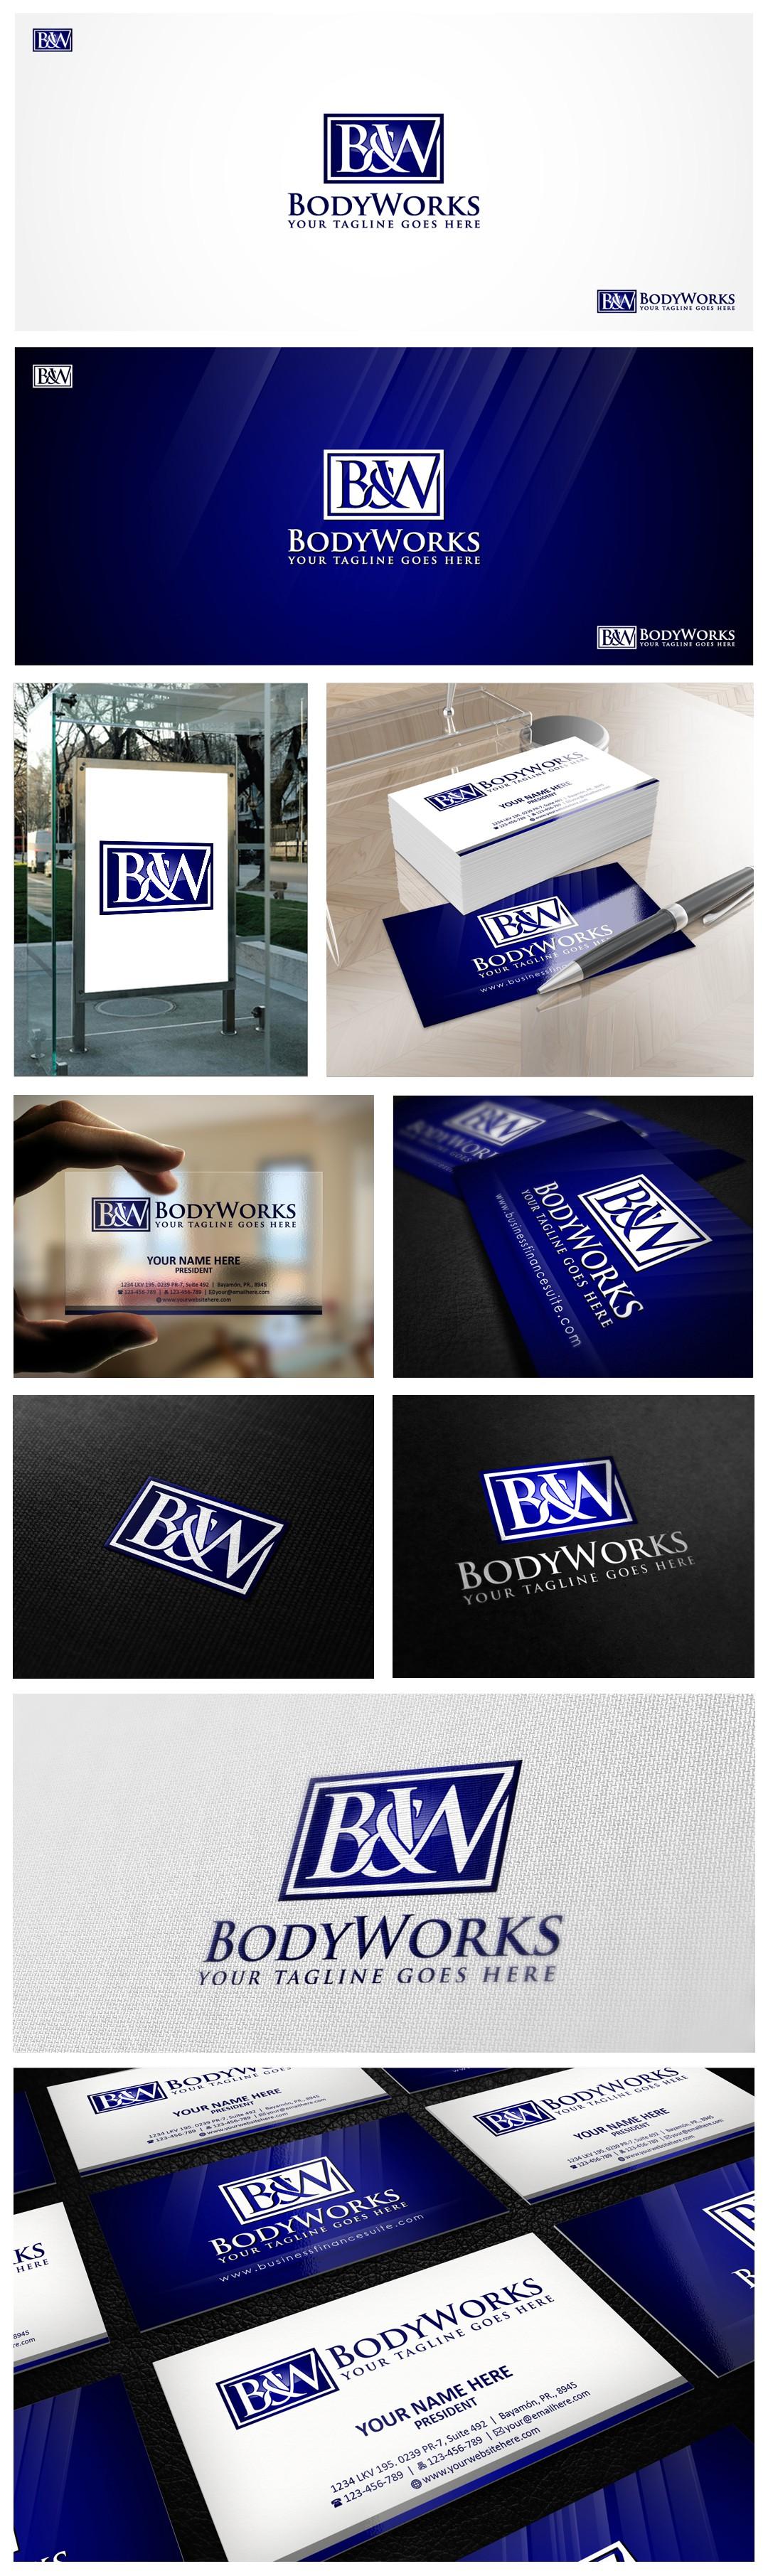 Help B & W Bodyworks with a new logo